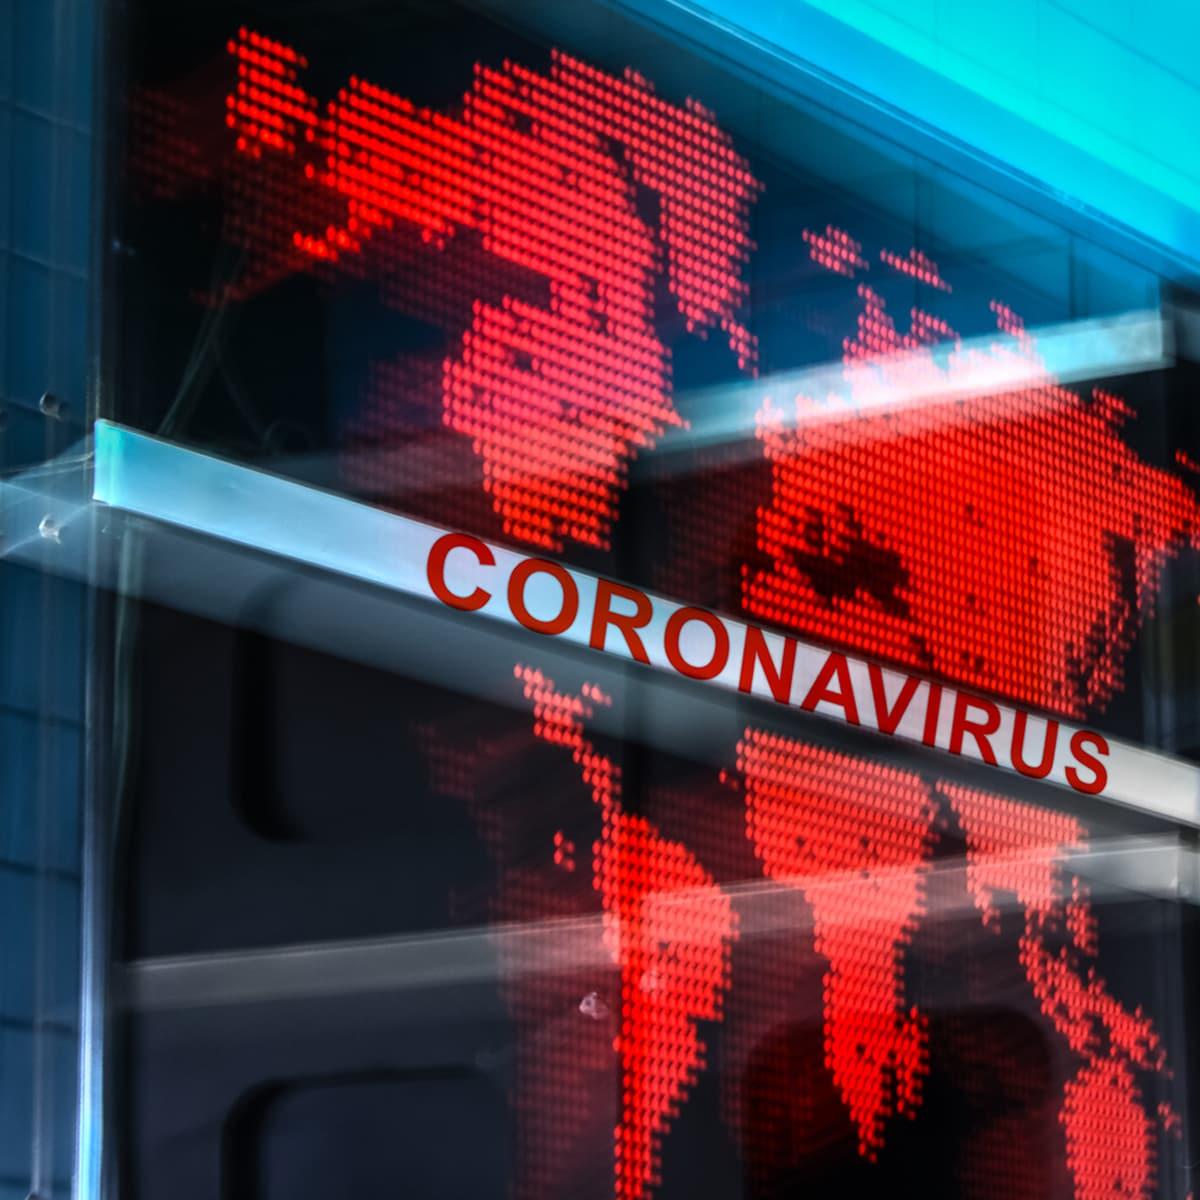 Coronavirus: tre possibili scenari per i mercati finanziari